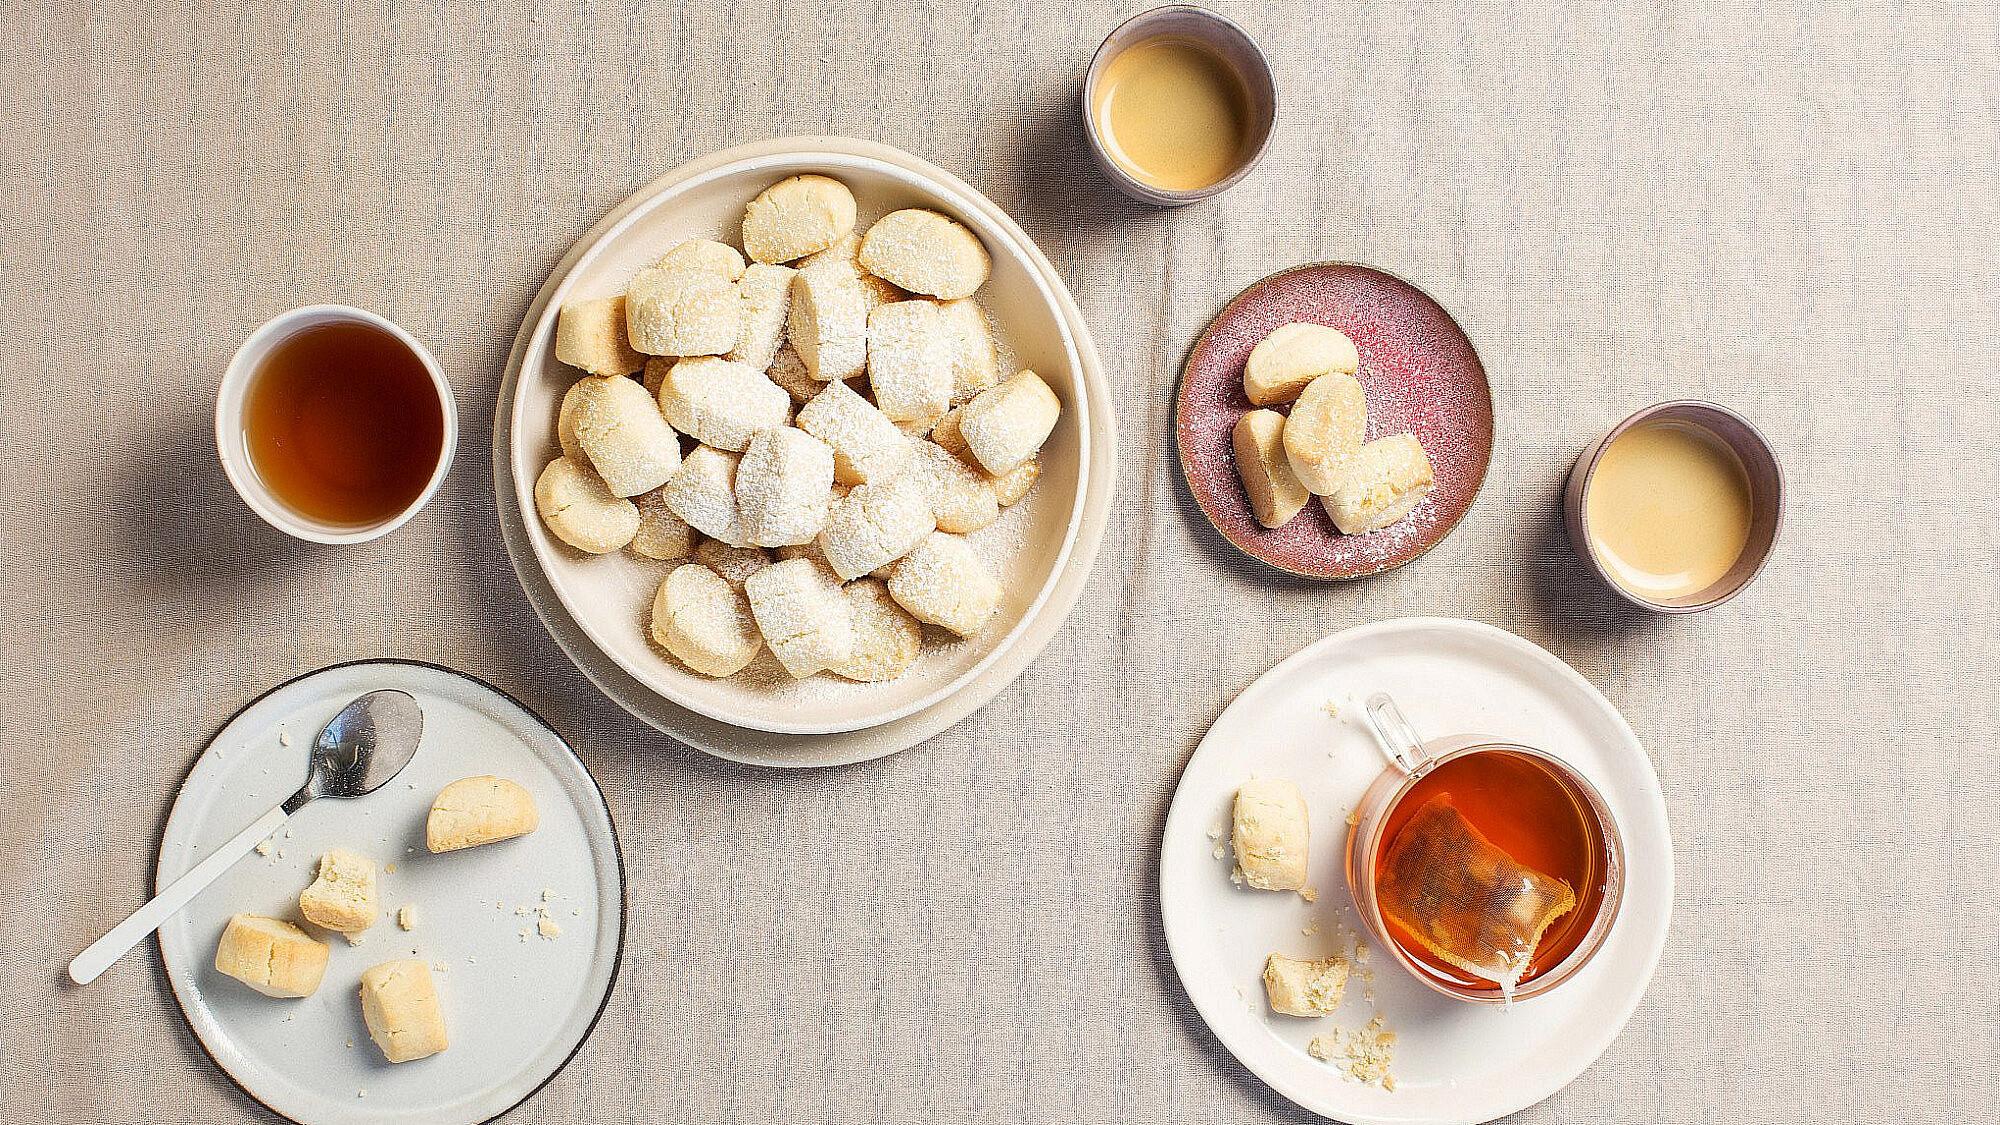 עוגיות בצק פריך קטנות ואלוהיות של קרן אגם. צילום: דניאל שכטר. סטיילינג: גיא כהן.